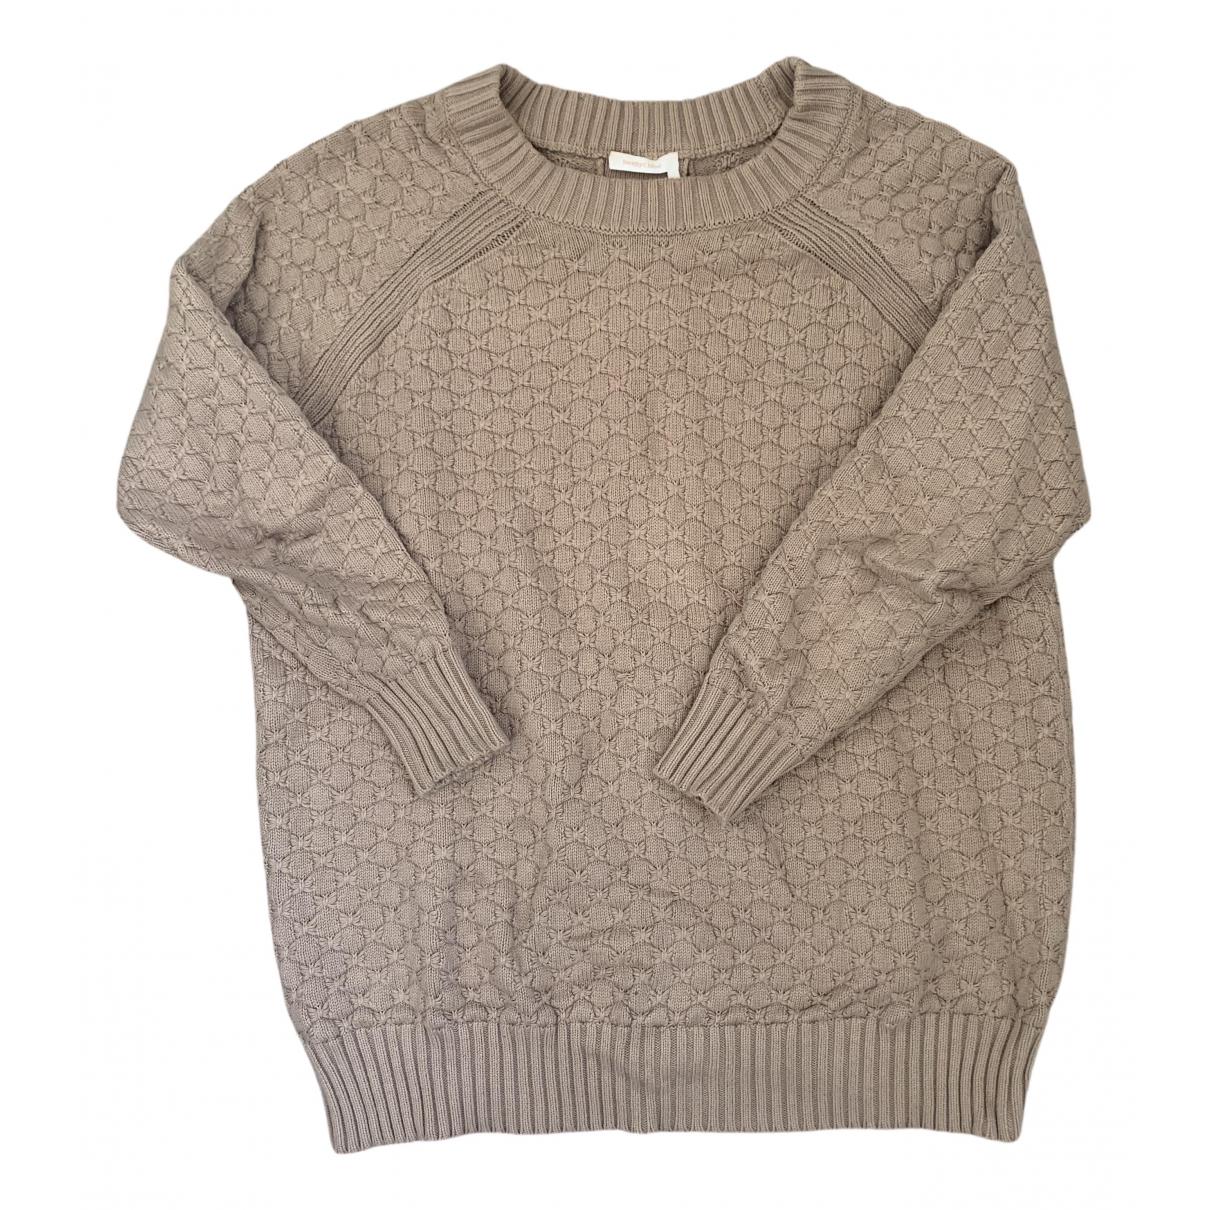 See By Chloé N Beige Cotton Knitwear for Women 36 FR